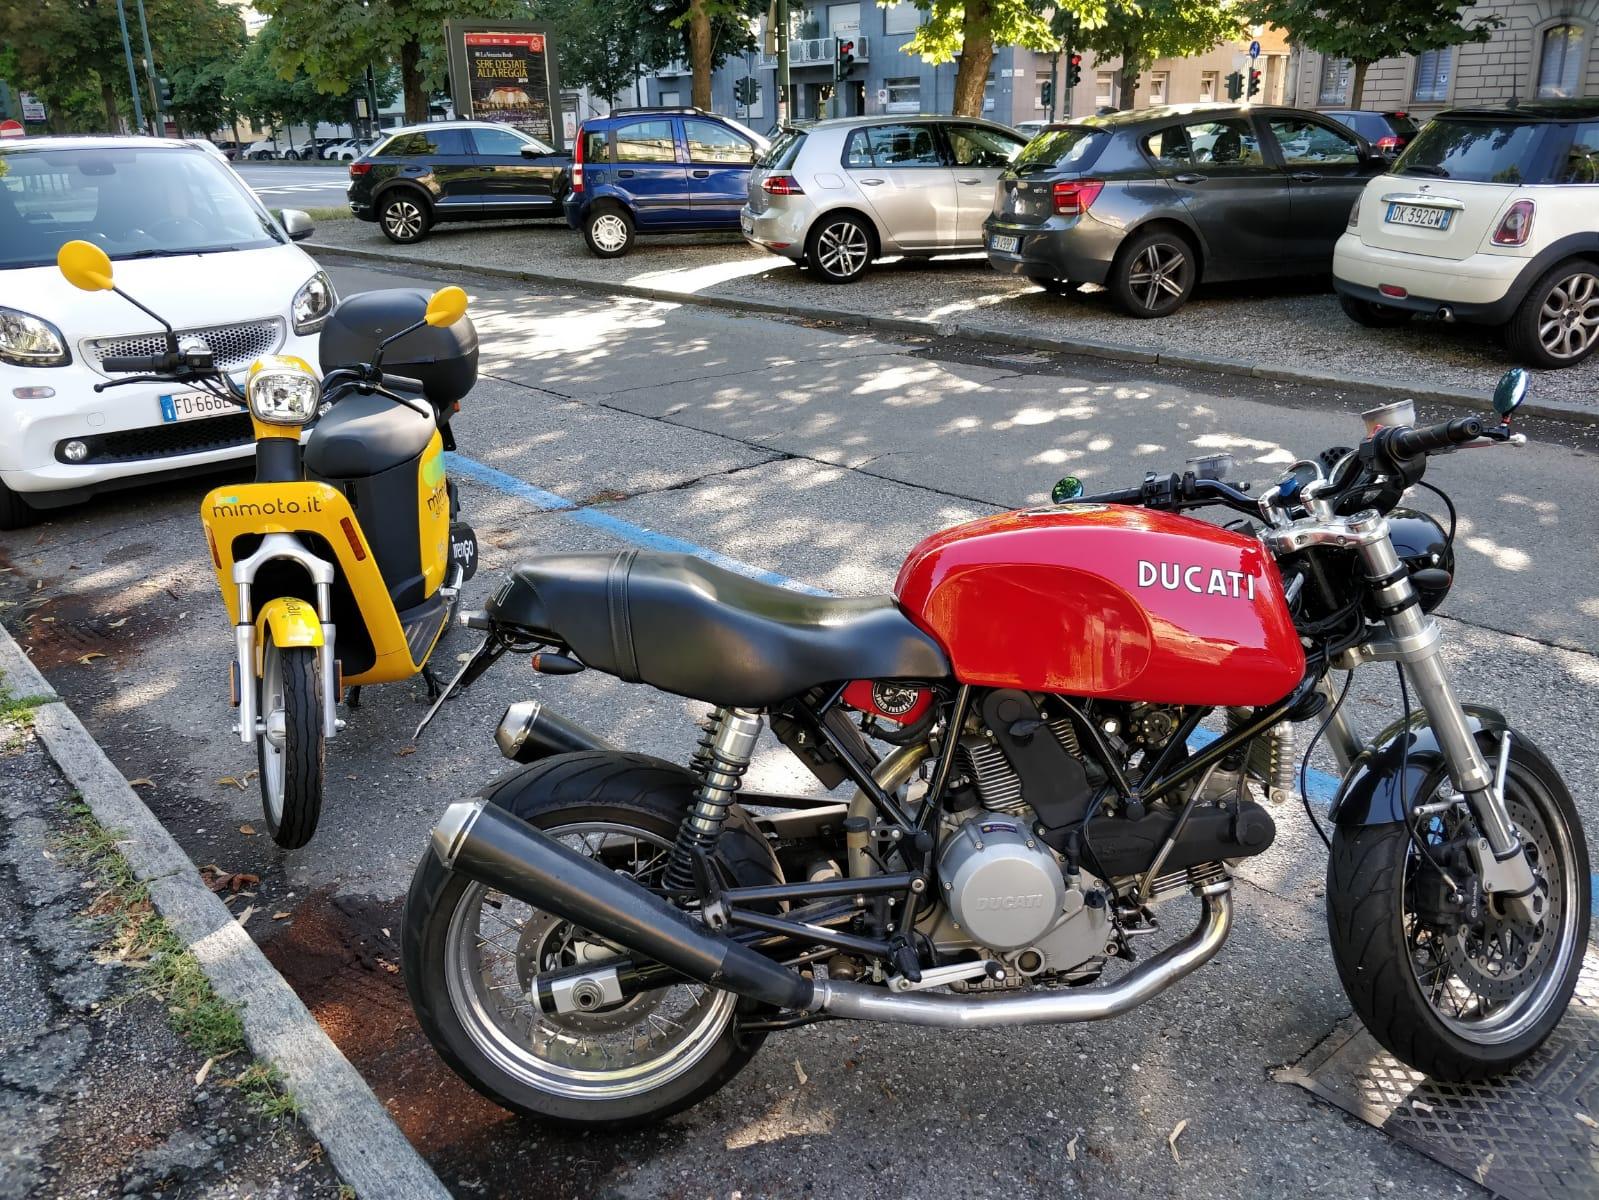 Usa le due ruote parcheggio mimoto